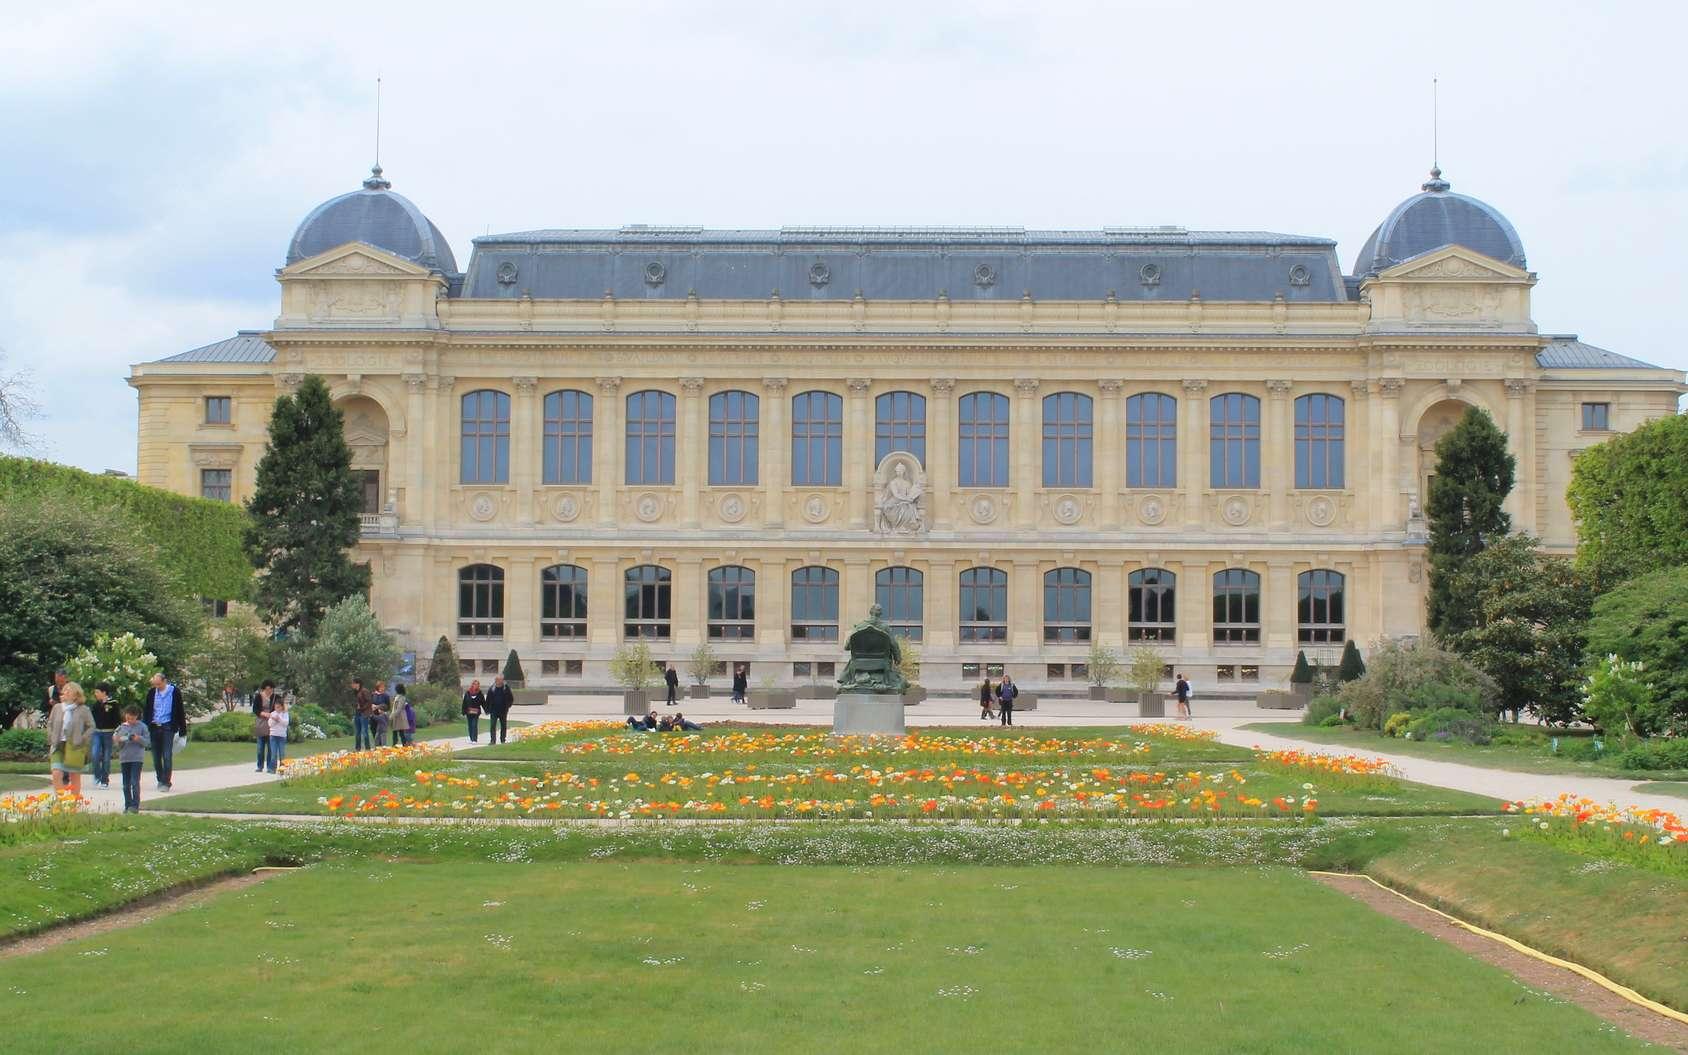 Le Jardin des plantes de Paris fait partie du Muséum national d'histoire naturelle de Paris. © Marine26, Fotolia